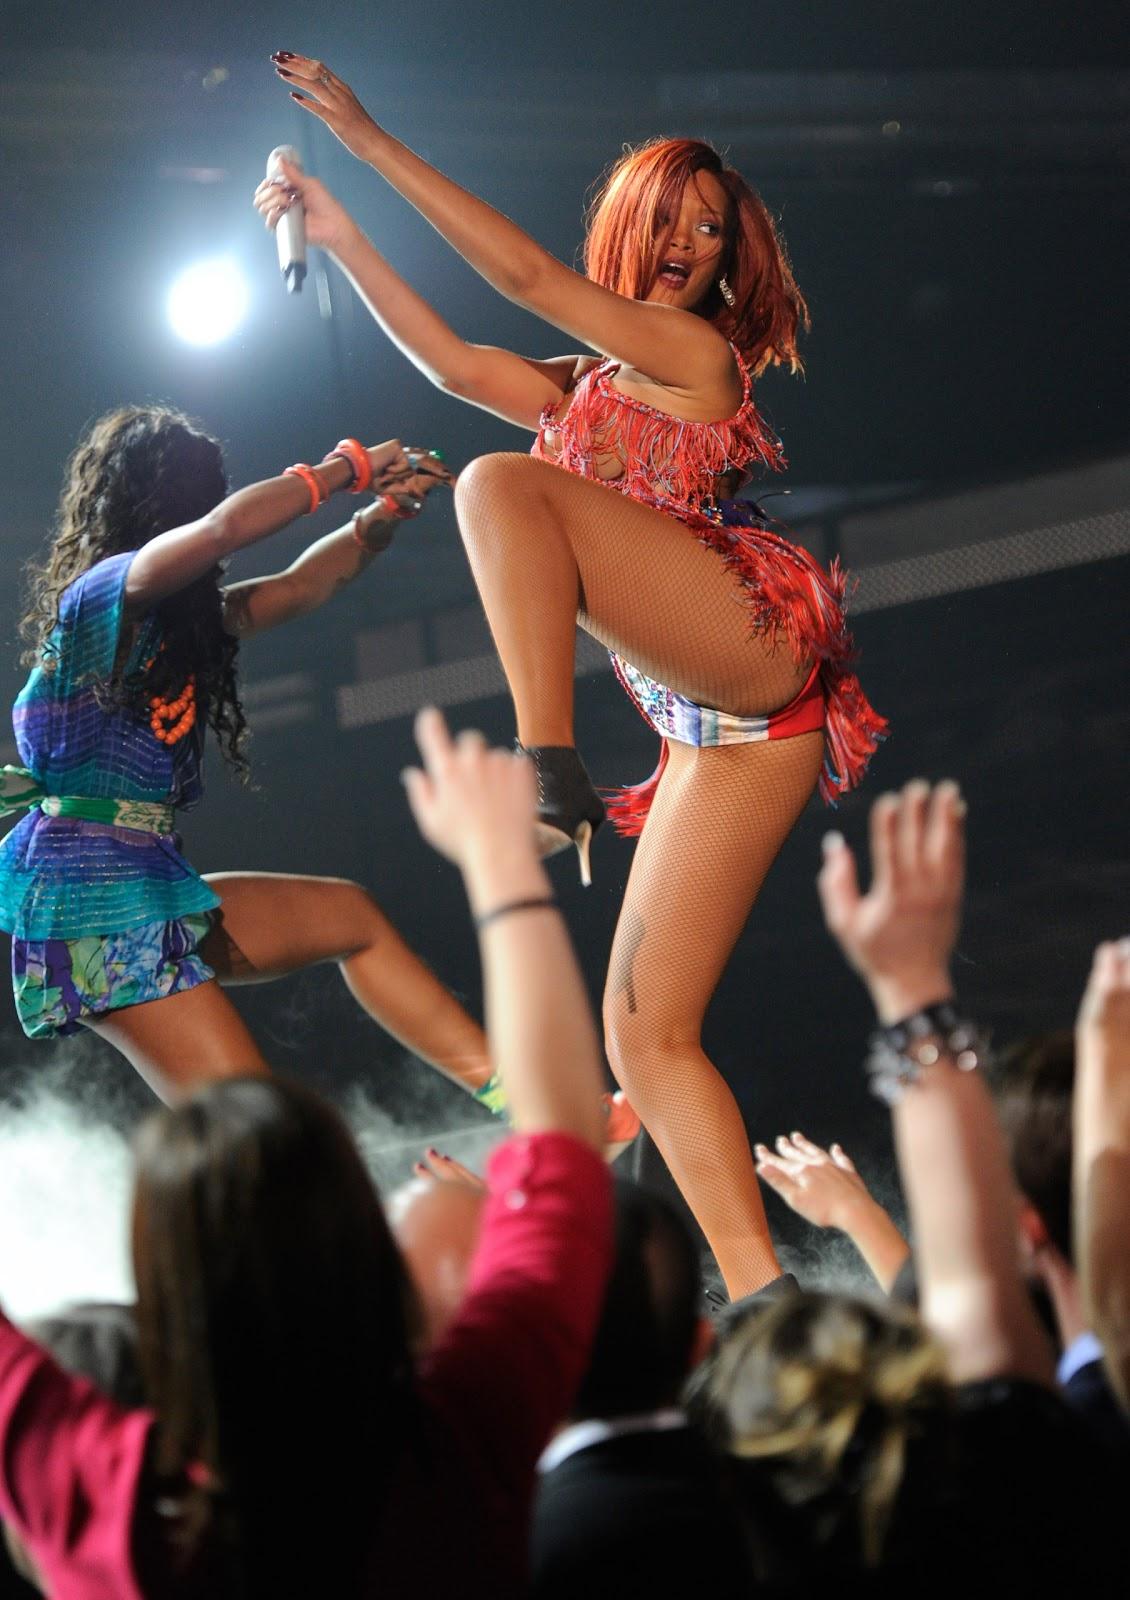 http://1.bp.blogspot.com/-KQOGl5h1Fdo/TVwbOEn8c2I/AAAAAAAAAT8/9QiU1vuurcE/s1600/Rihanna_grammy1.jpg